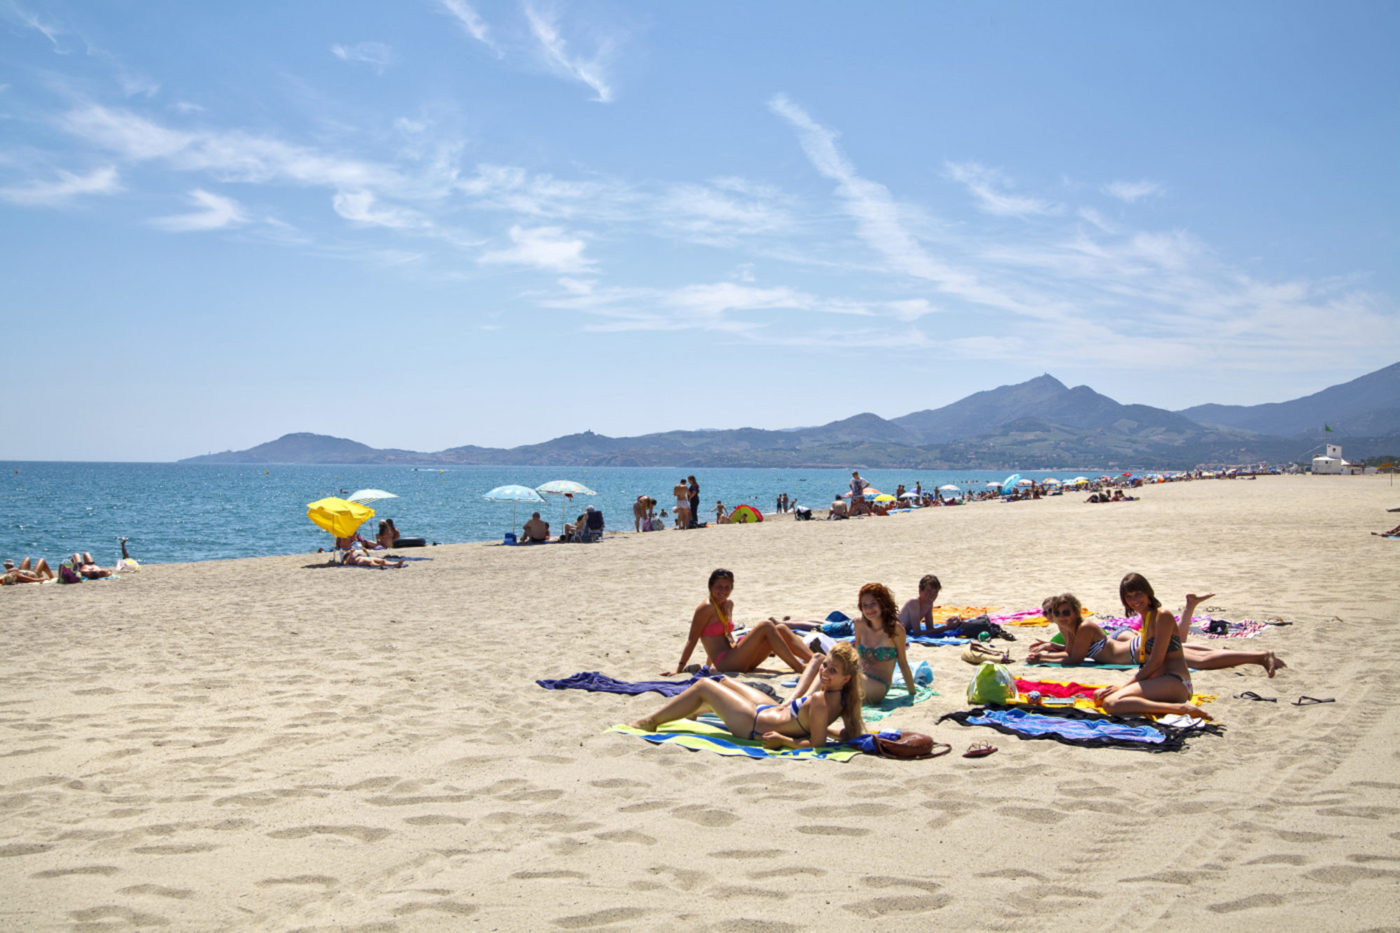 Sonne Strand Und Merhr Spanien Kinder Und Jugendreisen Mit